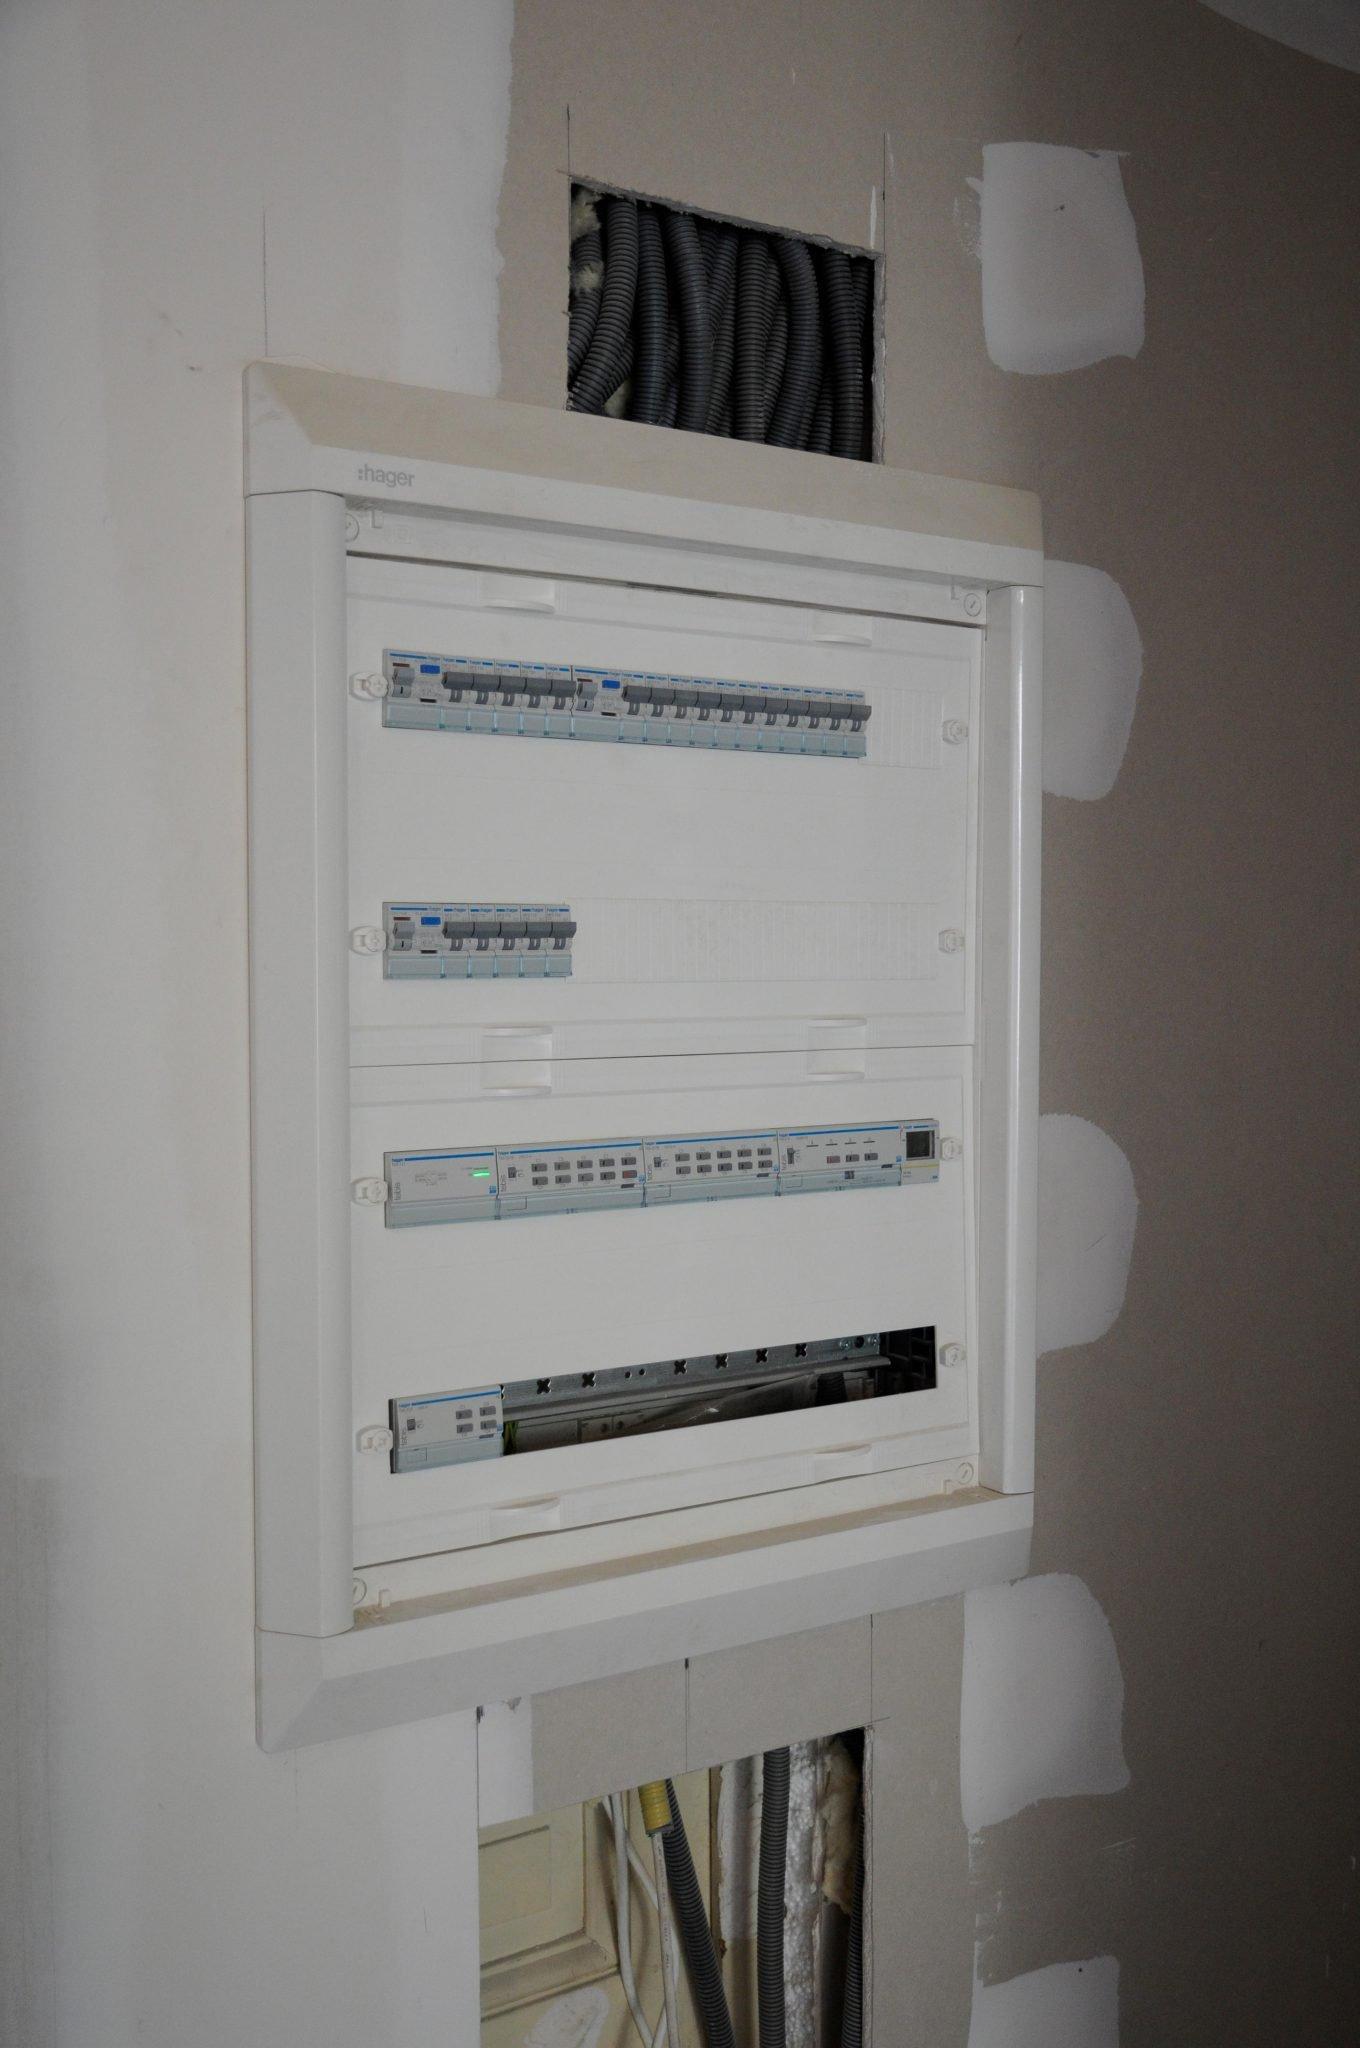 coffret electrique avec module domotique KNX modif - Activités